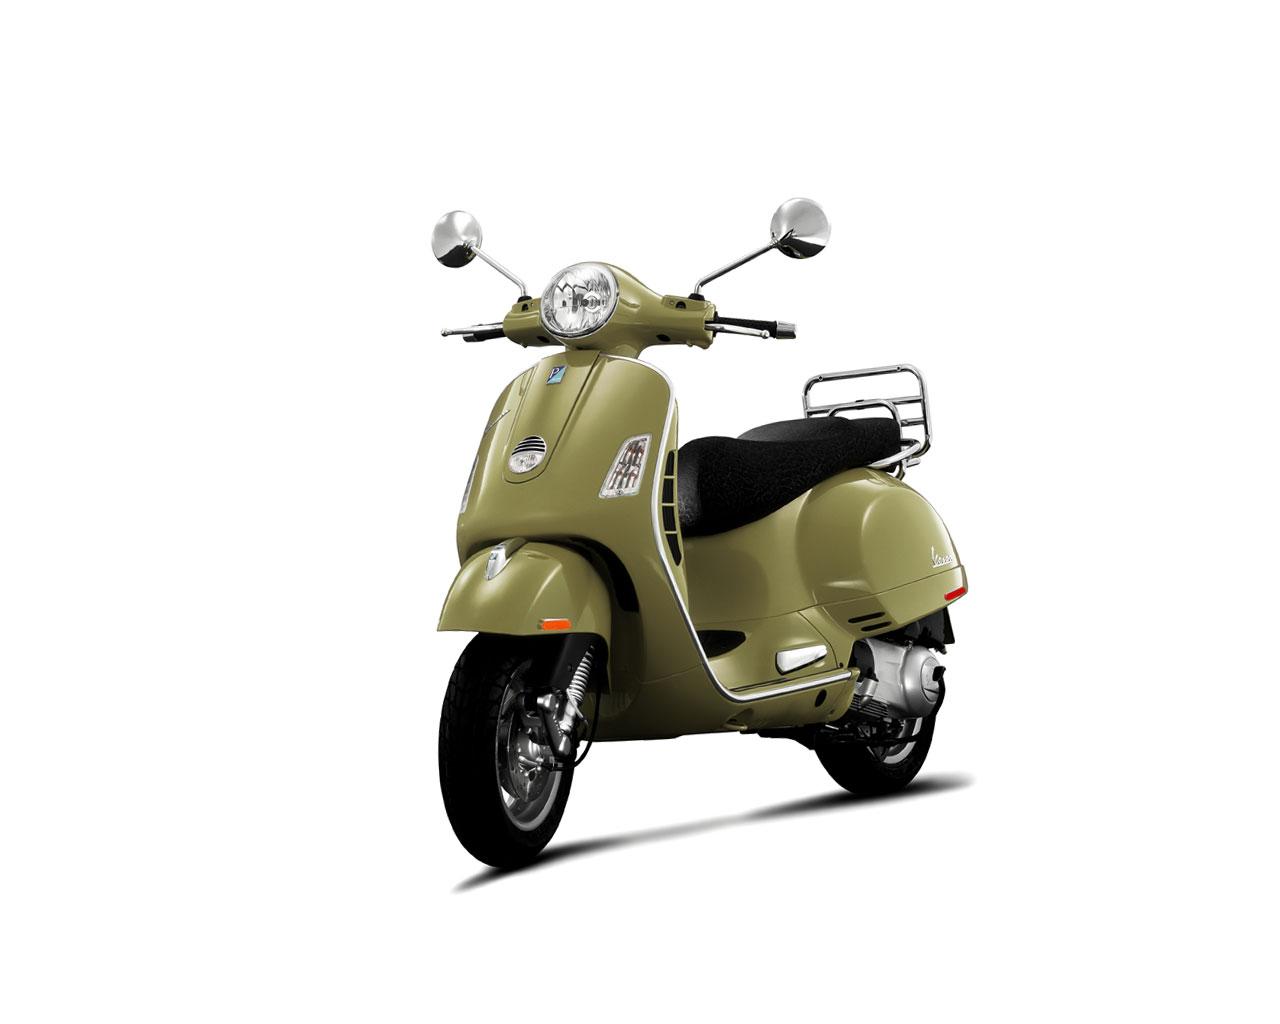 Vespa GTS 300 ~ Vespa Scooters